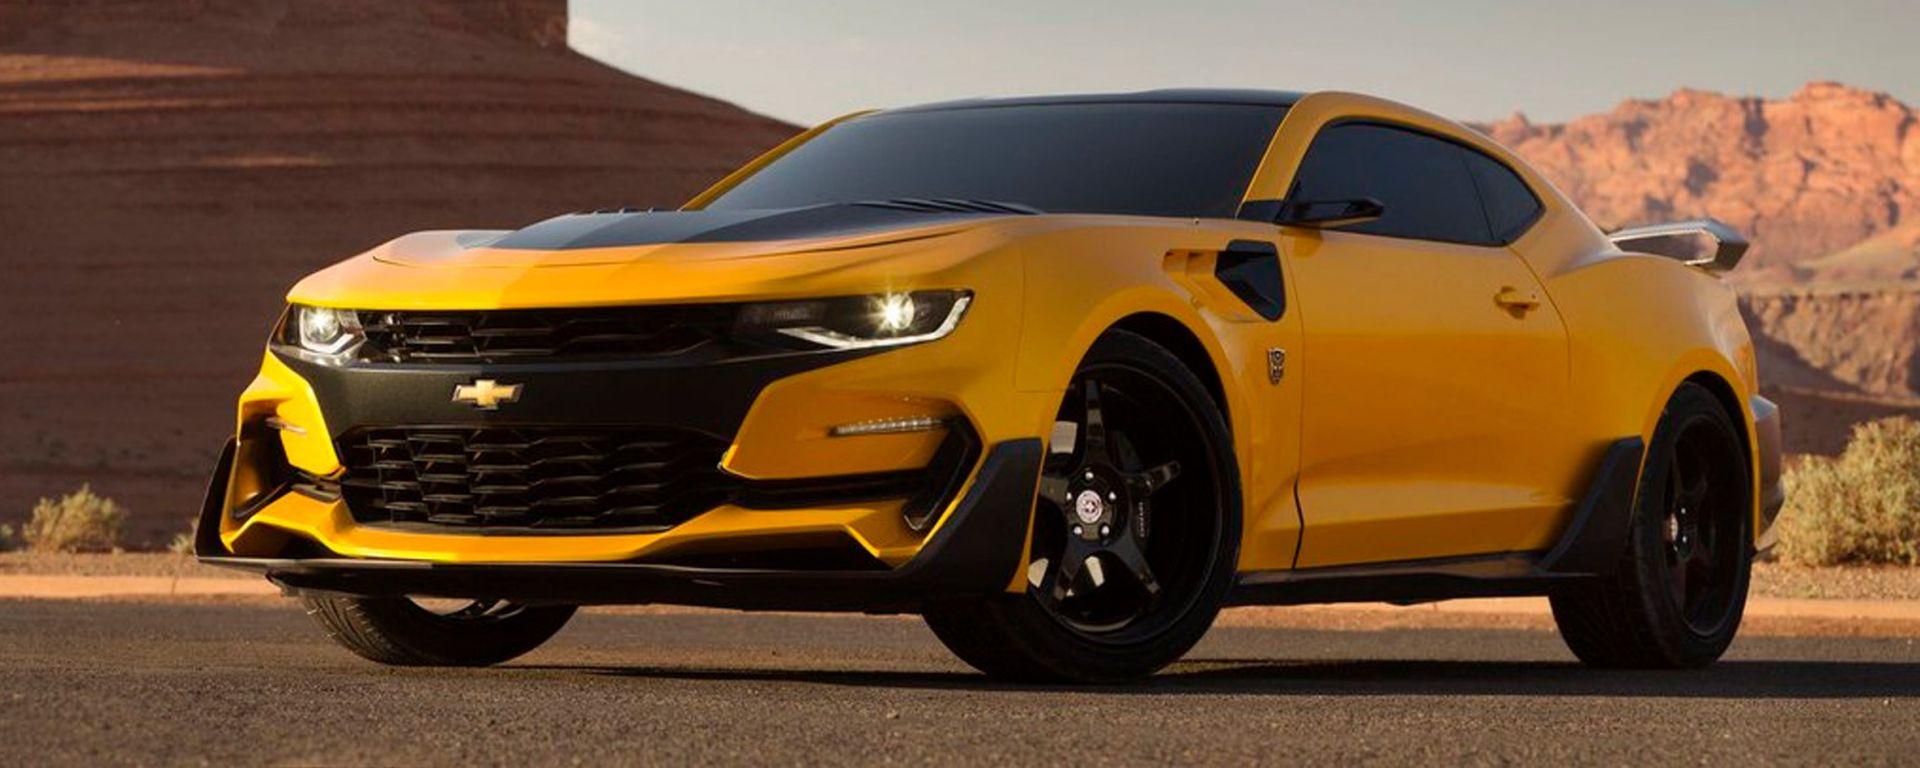 La Chevrolet Camaro che interpreterà Bumblebee in Transformers: The Last Knight